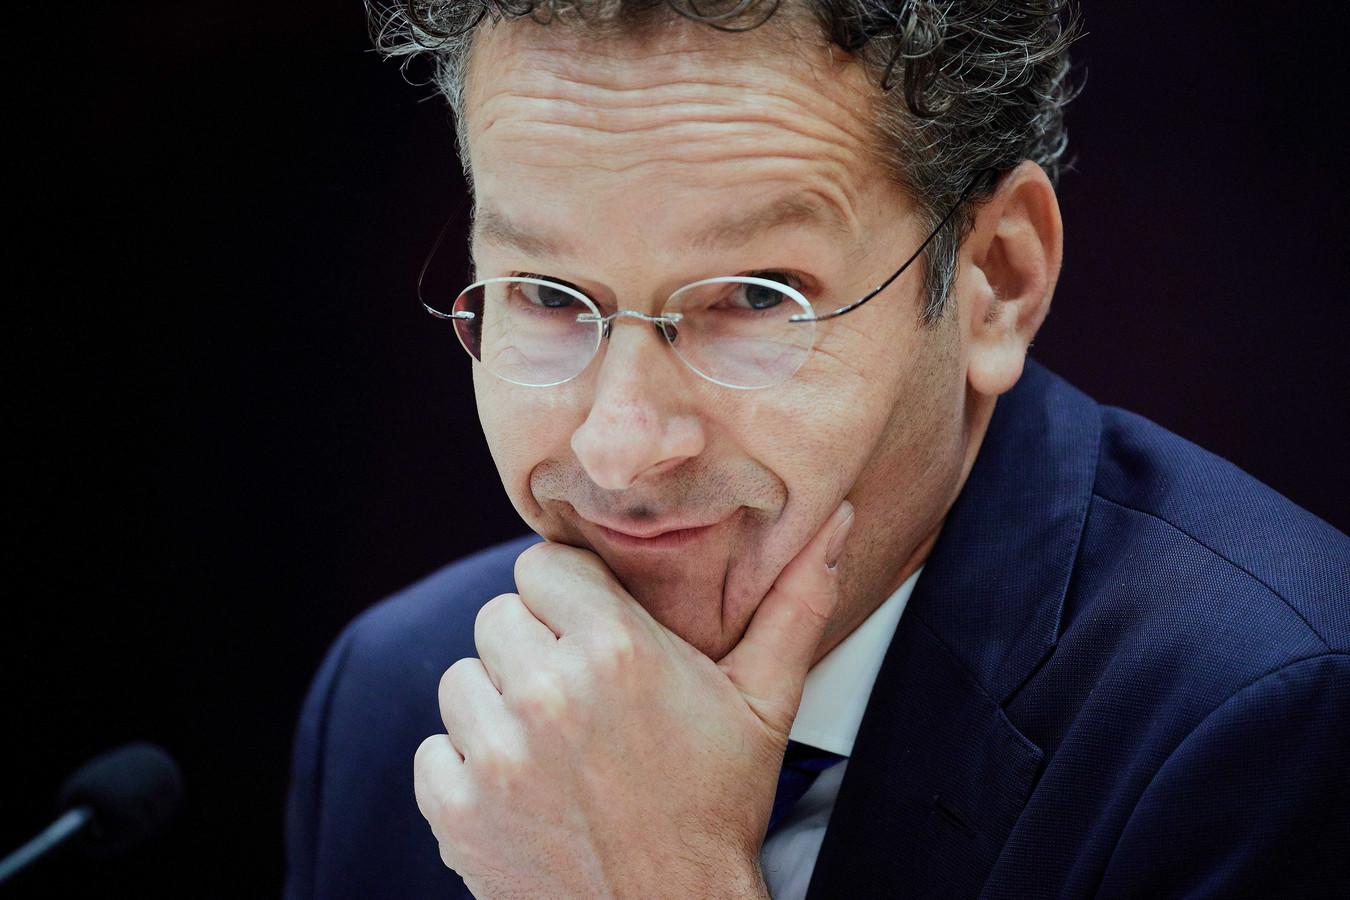 2017-10-11 12:45:14 DEN HAAG - Minister Jeroen Dijsselbloem van Financien in de plenaire zaal van de Tweede Kamer tijdens een vergadering. De PvdA-minister verlaat de Tweede Kamer over twee weken. ANP MARTIJN BEEKMAN